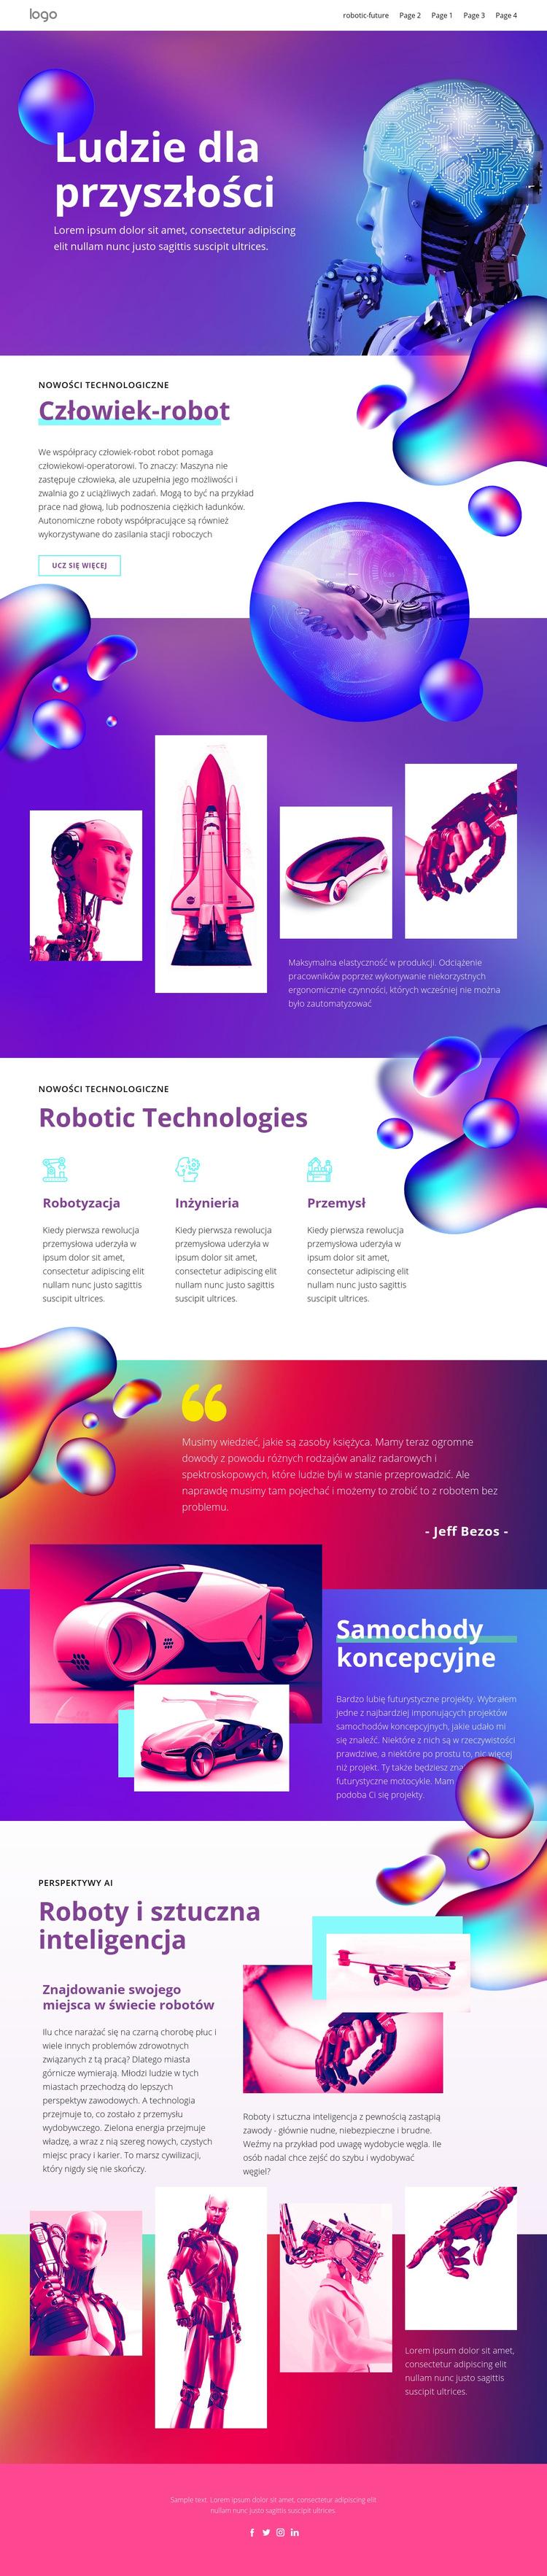 Przyszła technologia ludzka Szablon witryny sieci Web